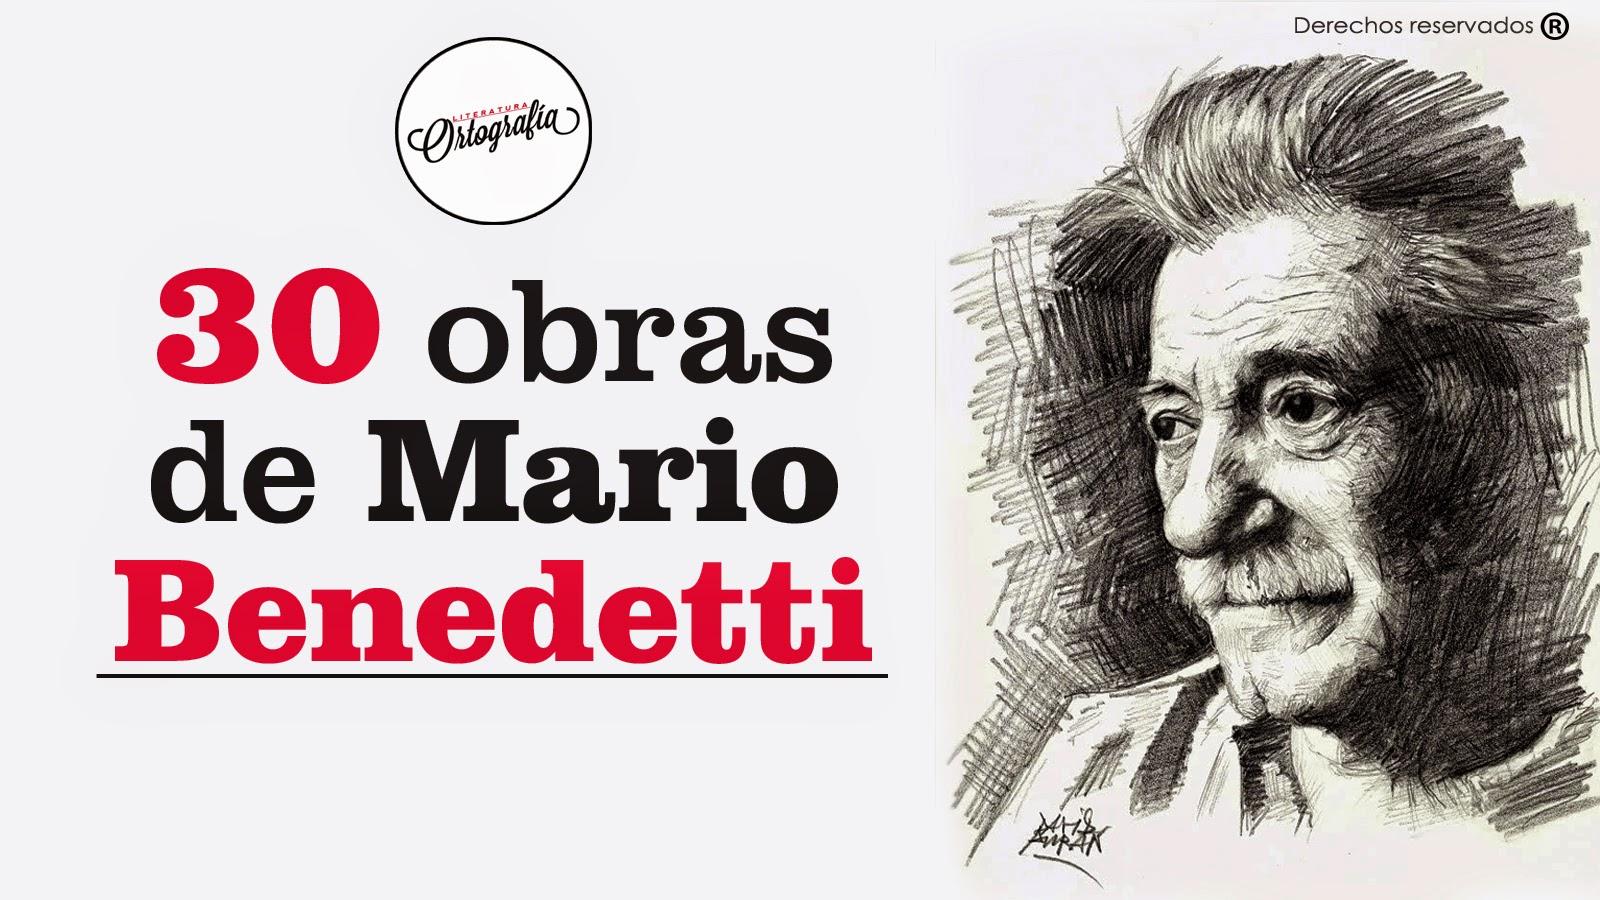 Descargar Pedro Y El Capitan Mario Benedetti Pdf Free Download